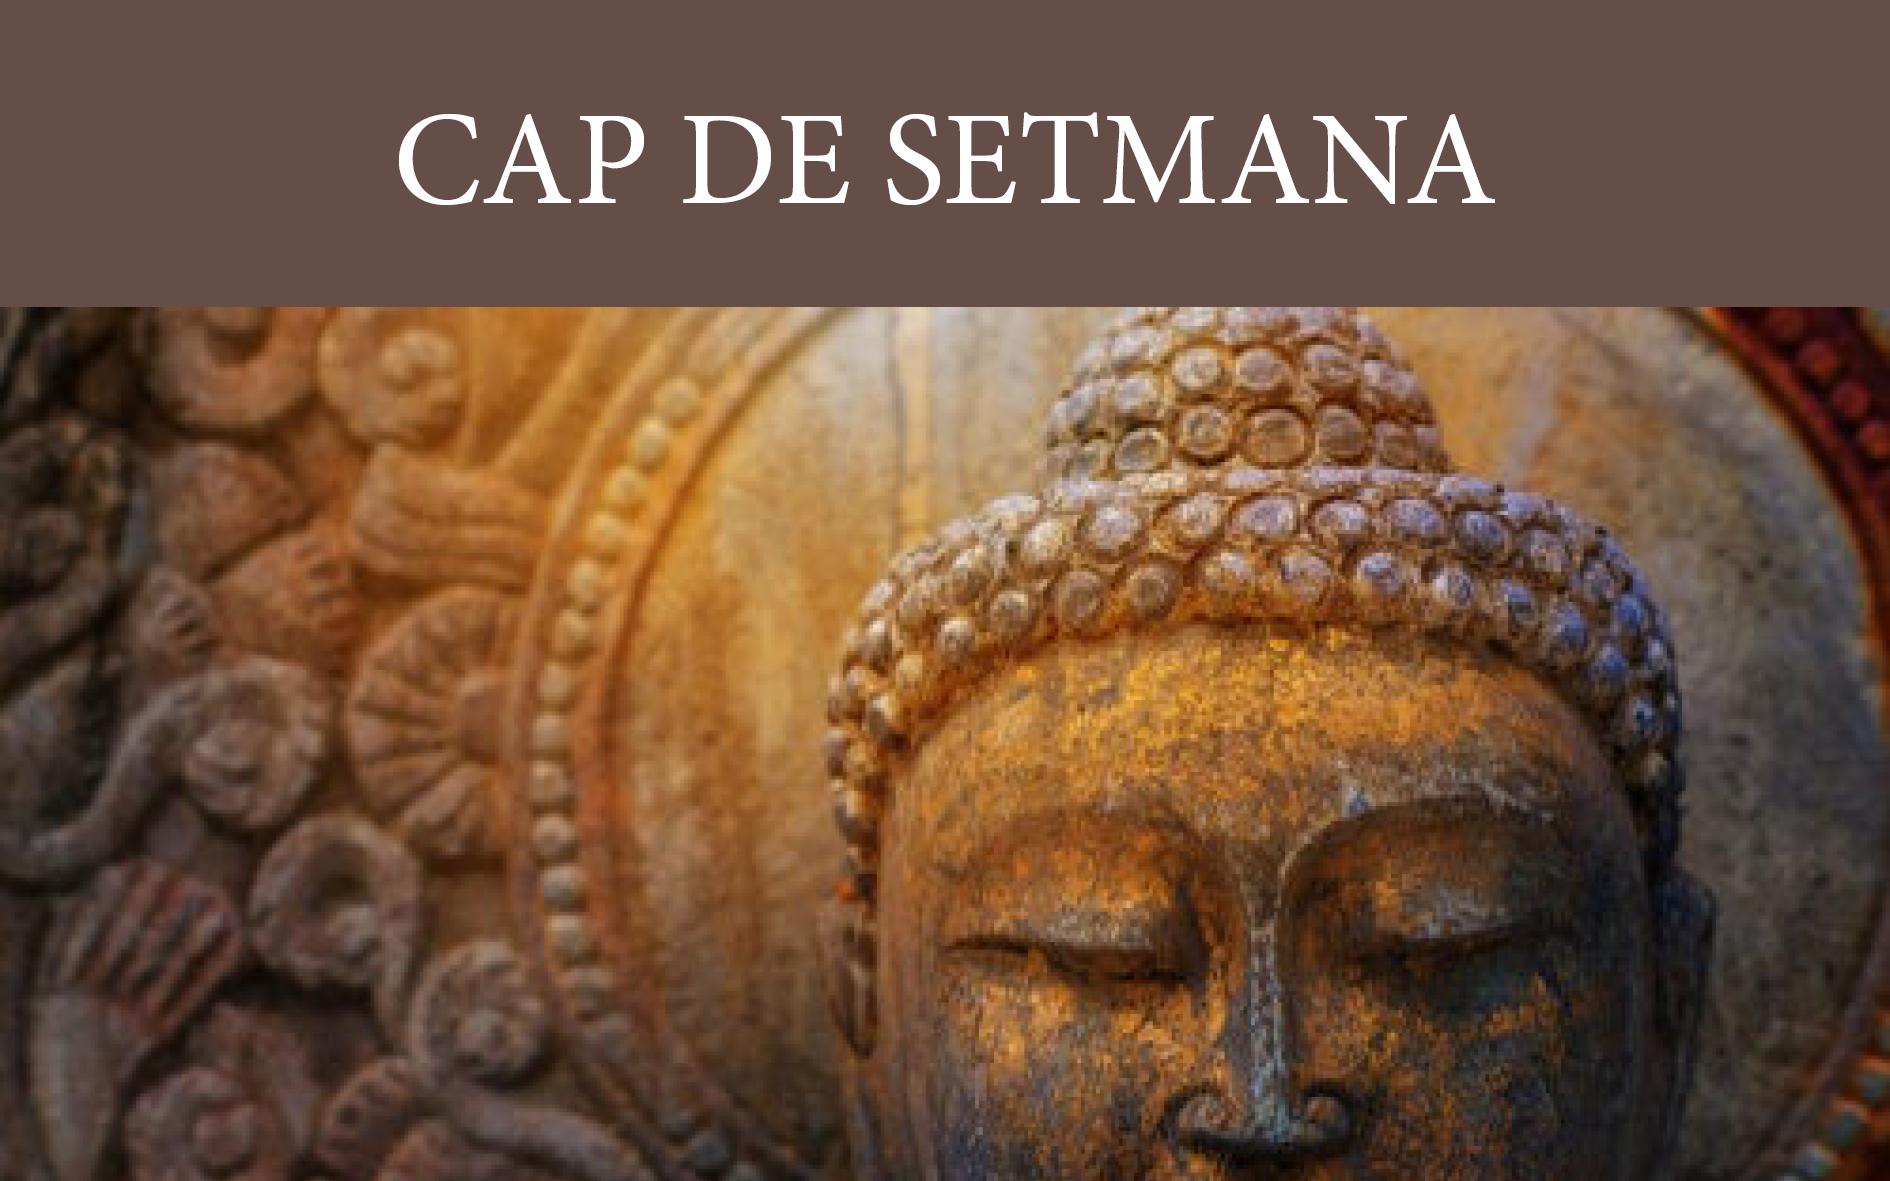 26. CAP DE SETMANA SOBRE EL SUTRA BUDISTA VERSOS SOBRE LA PERFECCIÓ DE LA SAVIESA